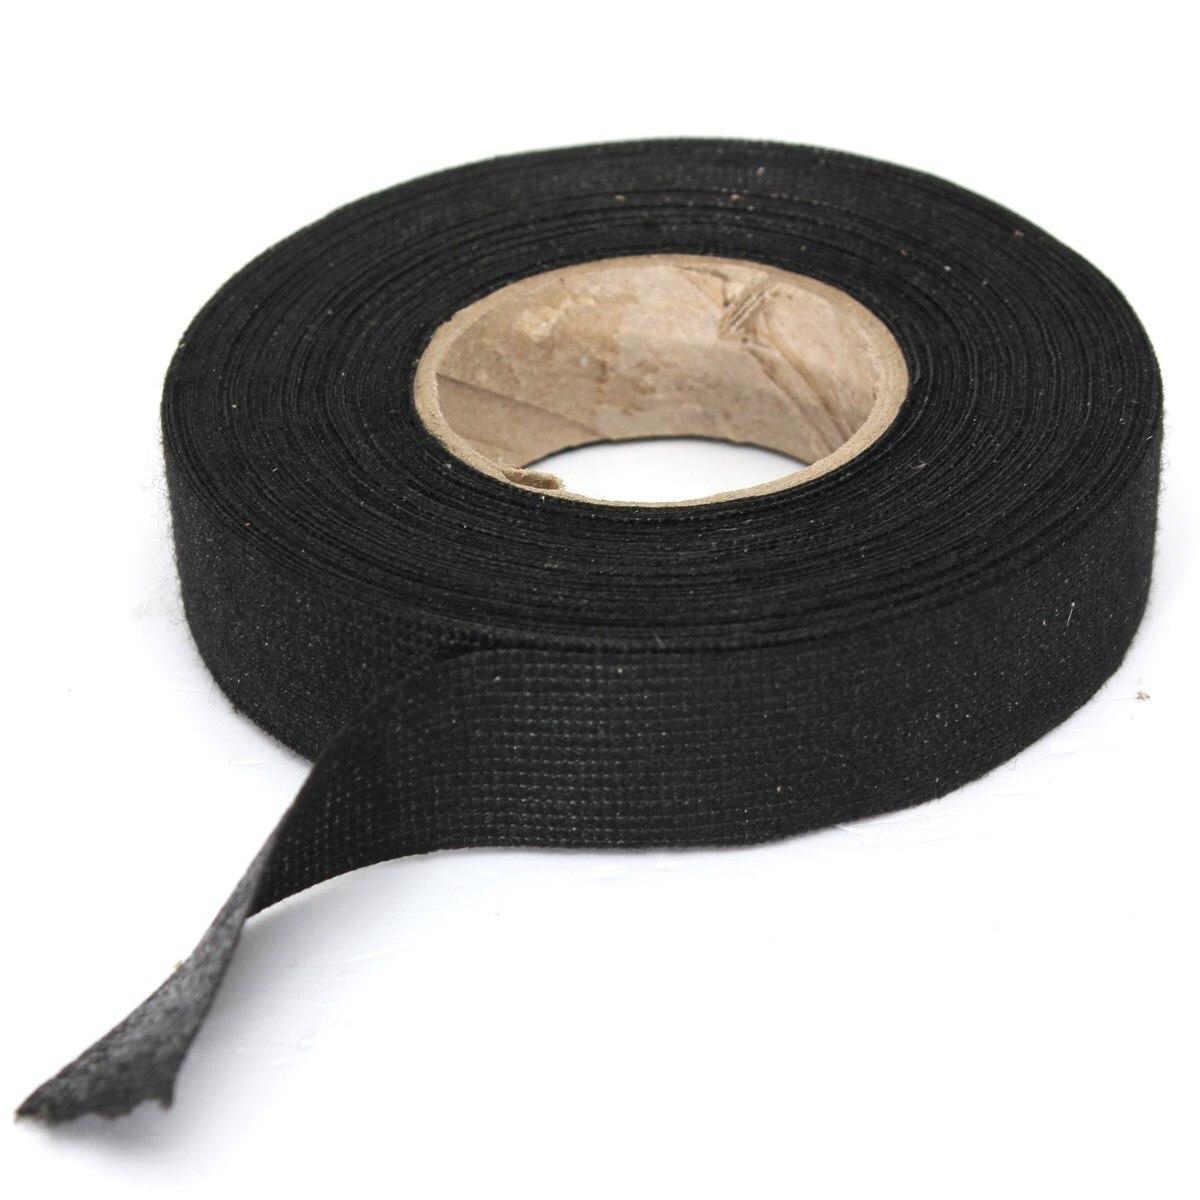 19 мм х 15 м Горячая клейкая матерчатая тканевая лента кабельный Станок Жгут проводов для автомобиля Авто сильная клейкая сила